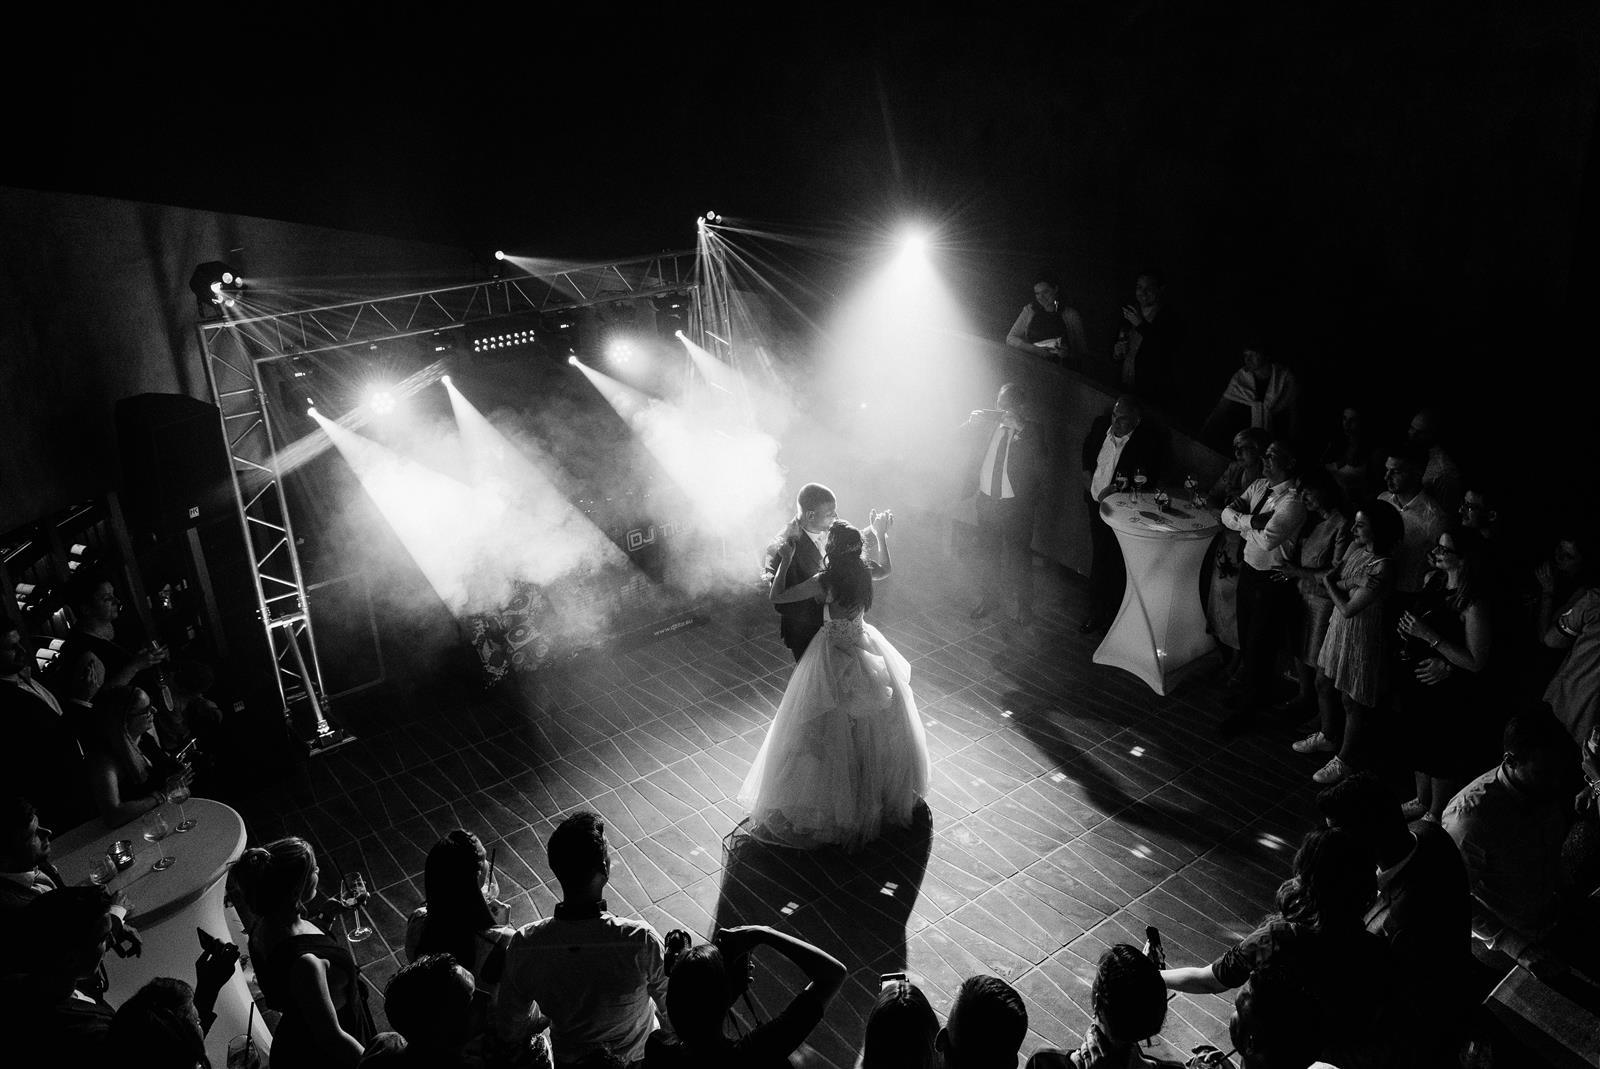 poroka goriska brdawedding gredič wedding in goriška brda wedding in gredic wedding goriska brda slovenia slovenija poroka goriška brda poroka gredič poroka na grediču porka v brdih poroka na primorskem poročni fotograf poročna fotografija wedding photographer 5 poroka goriška brda